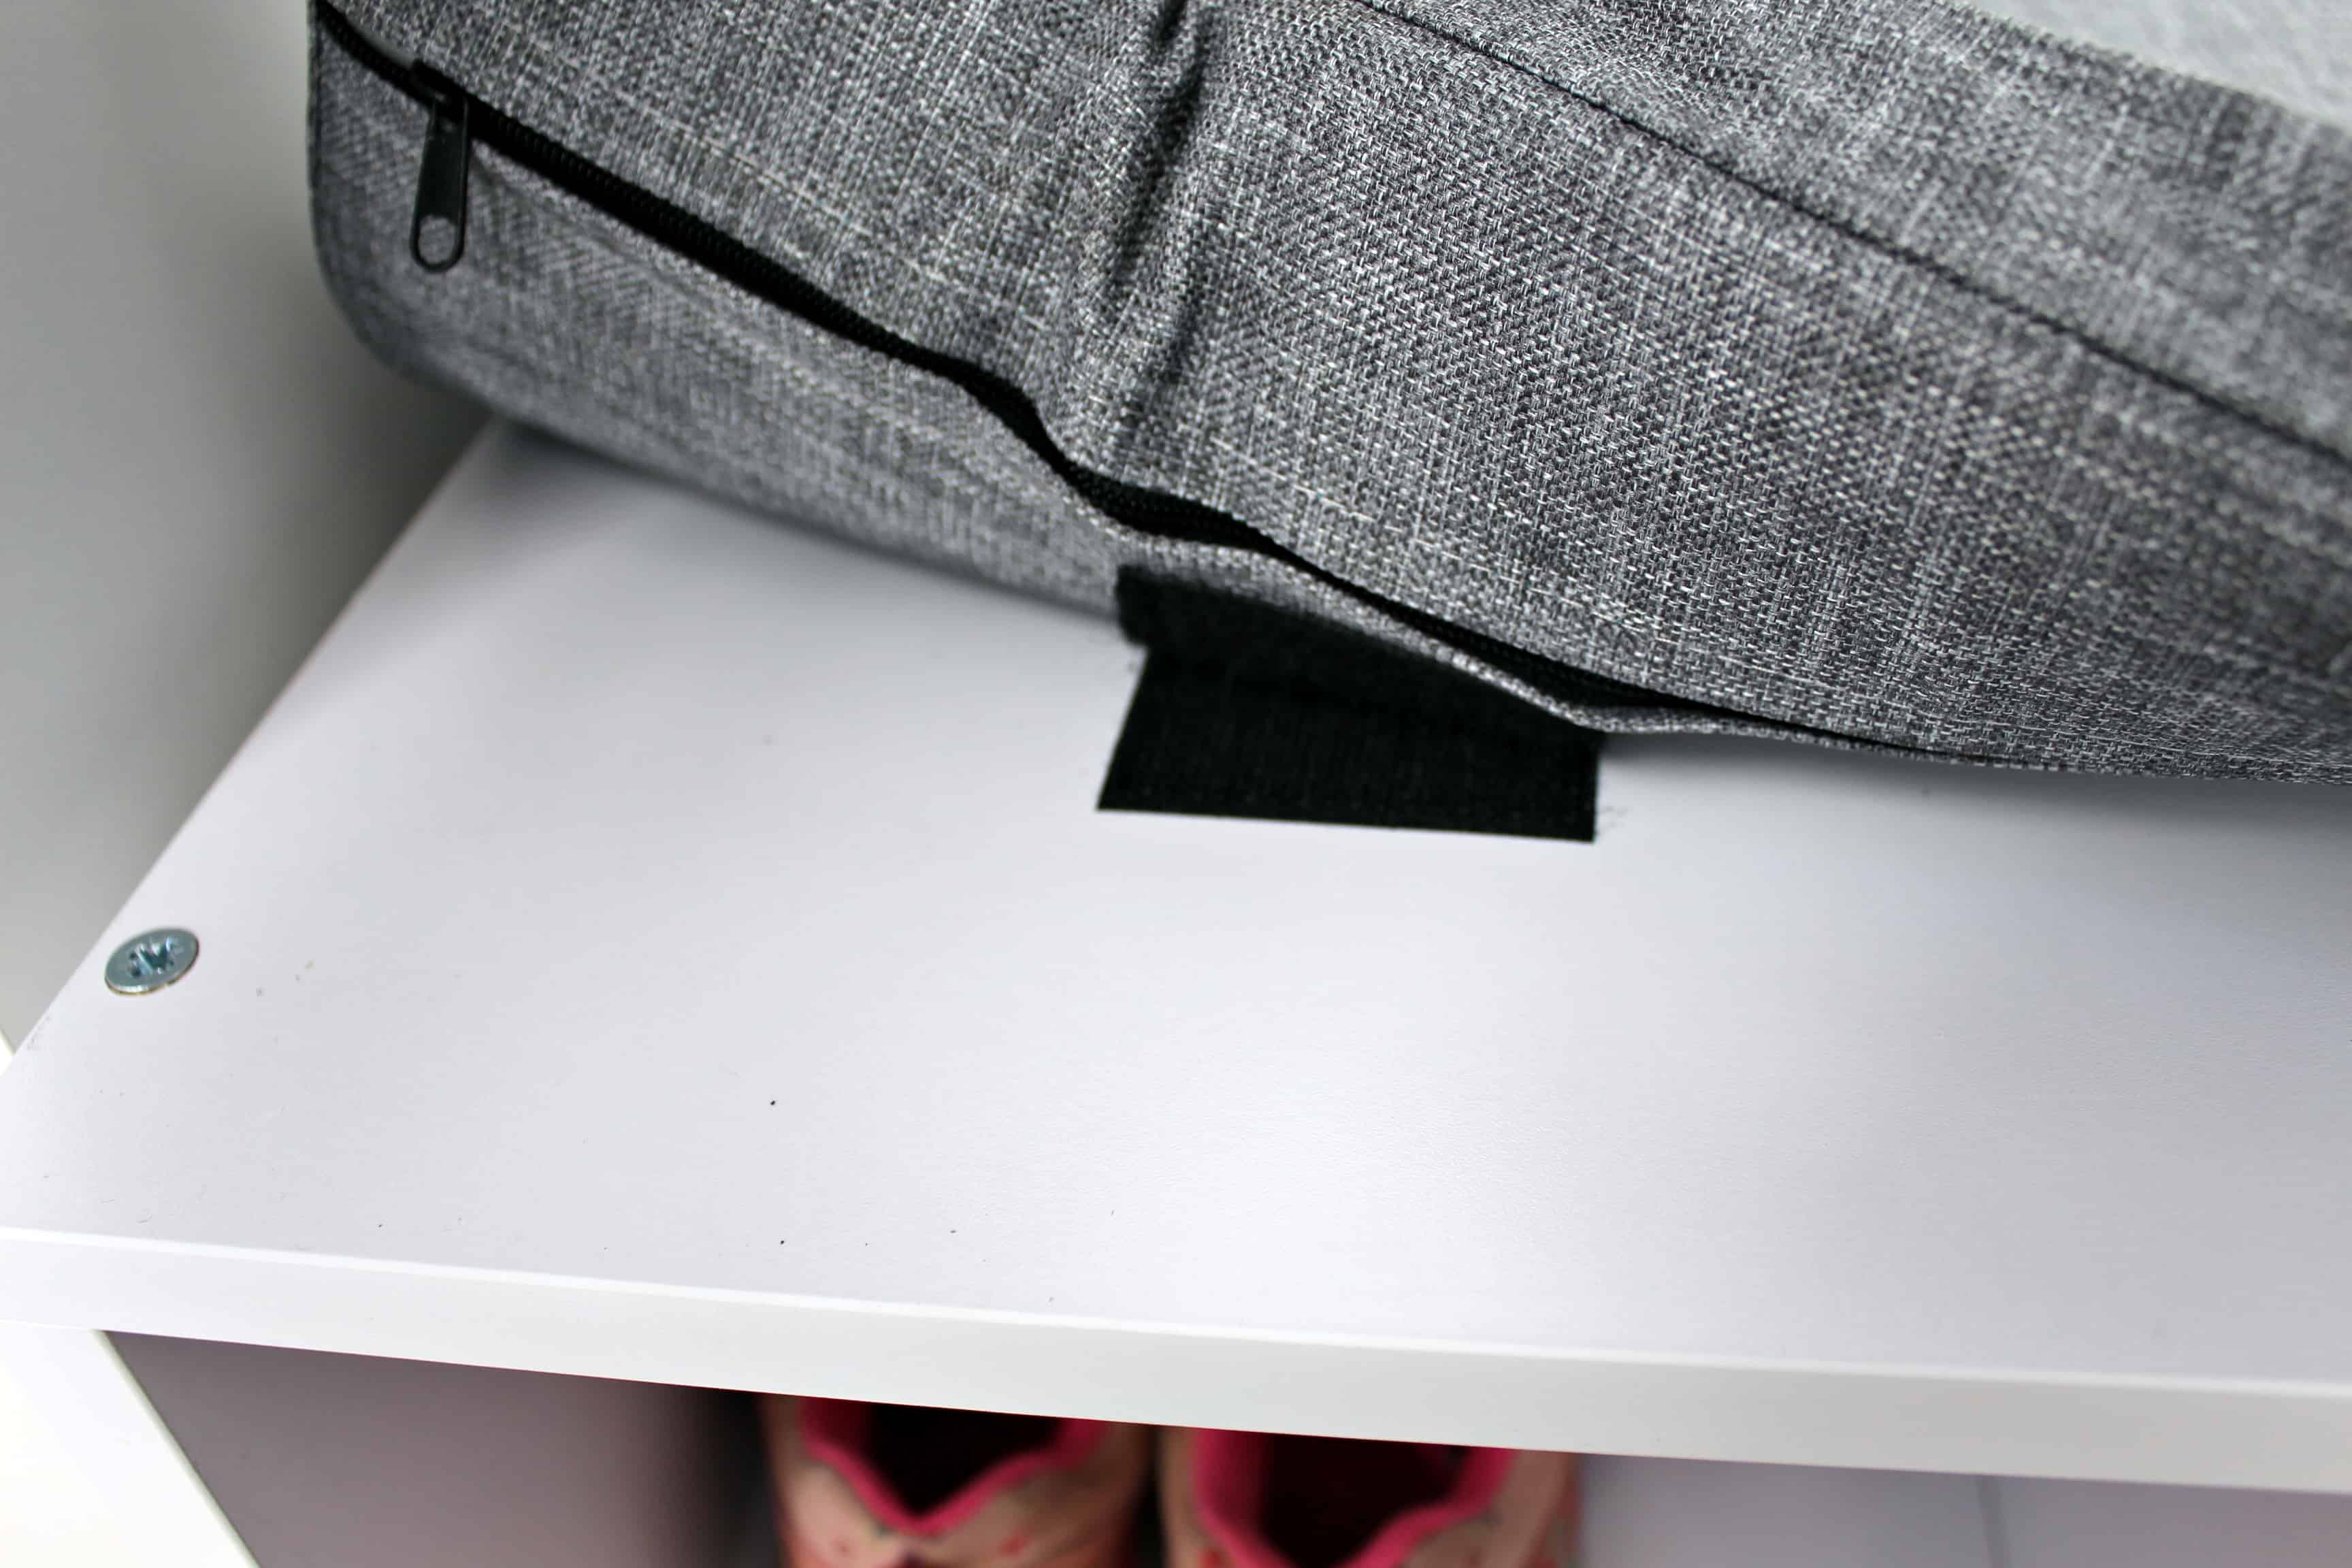 Pads mit Klettverschluss um das Kissen zu befestigen